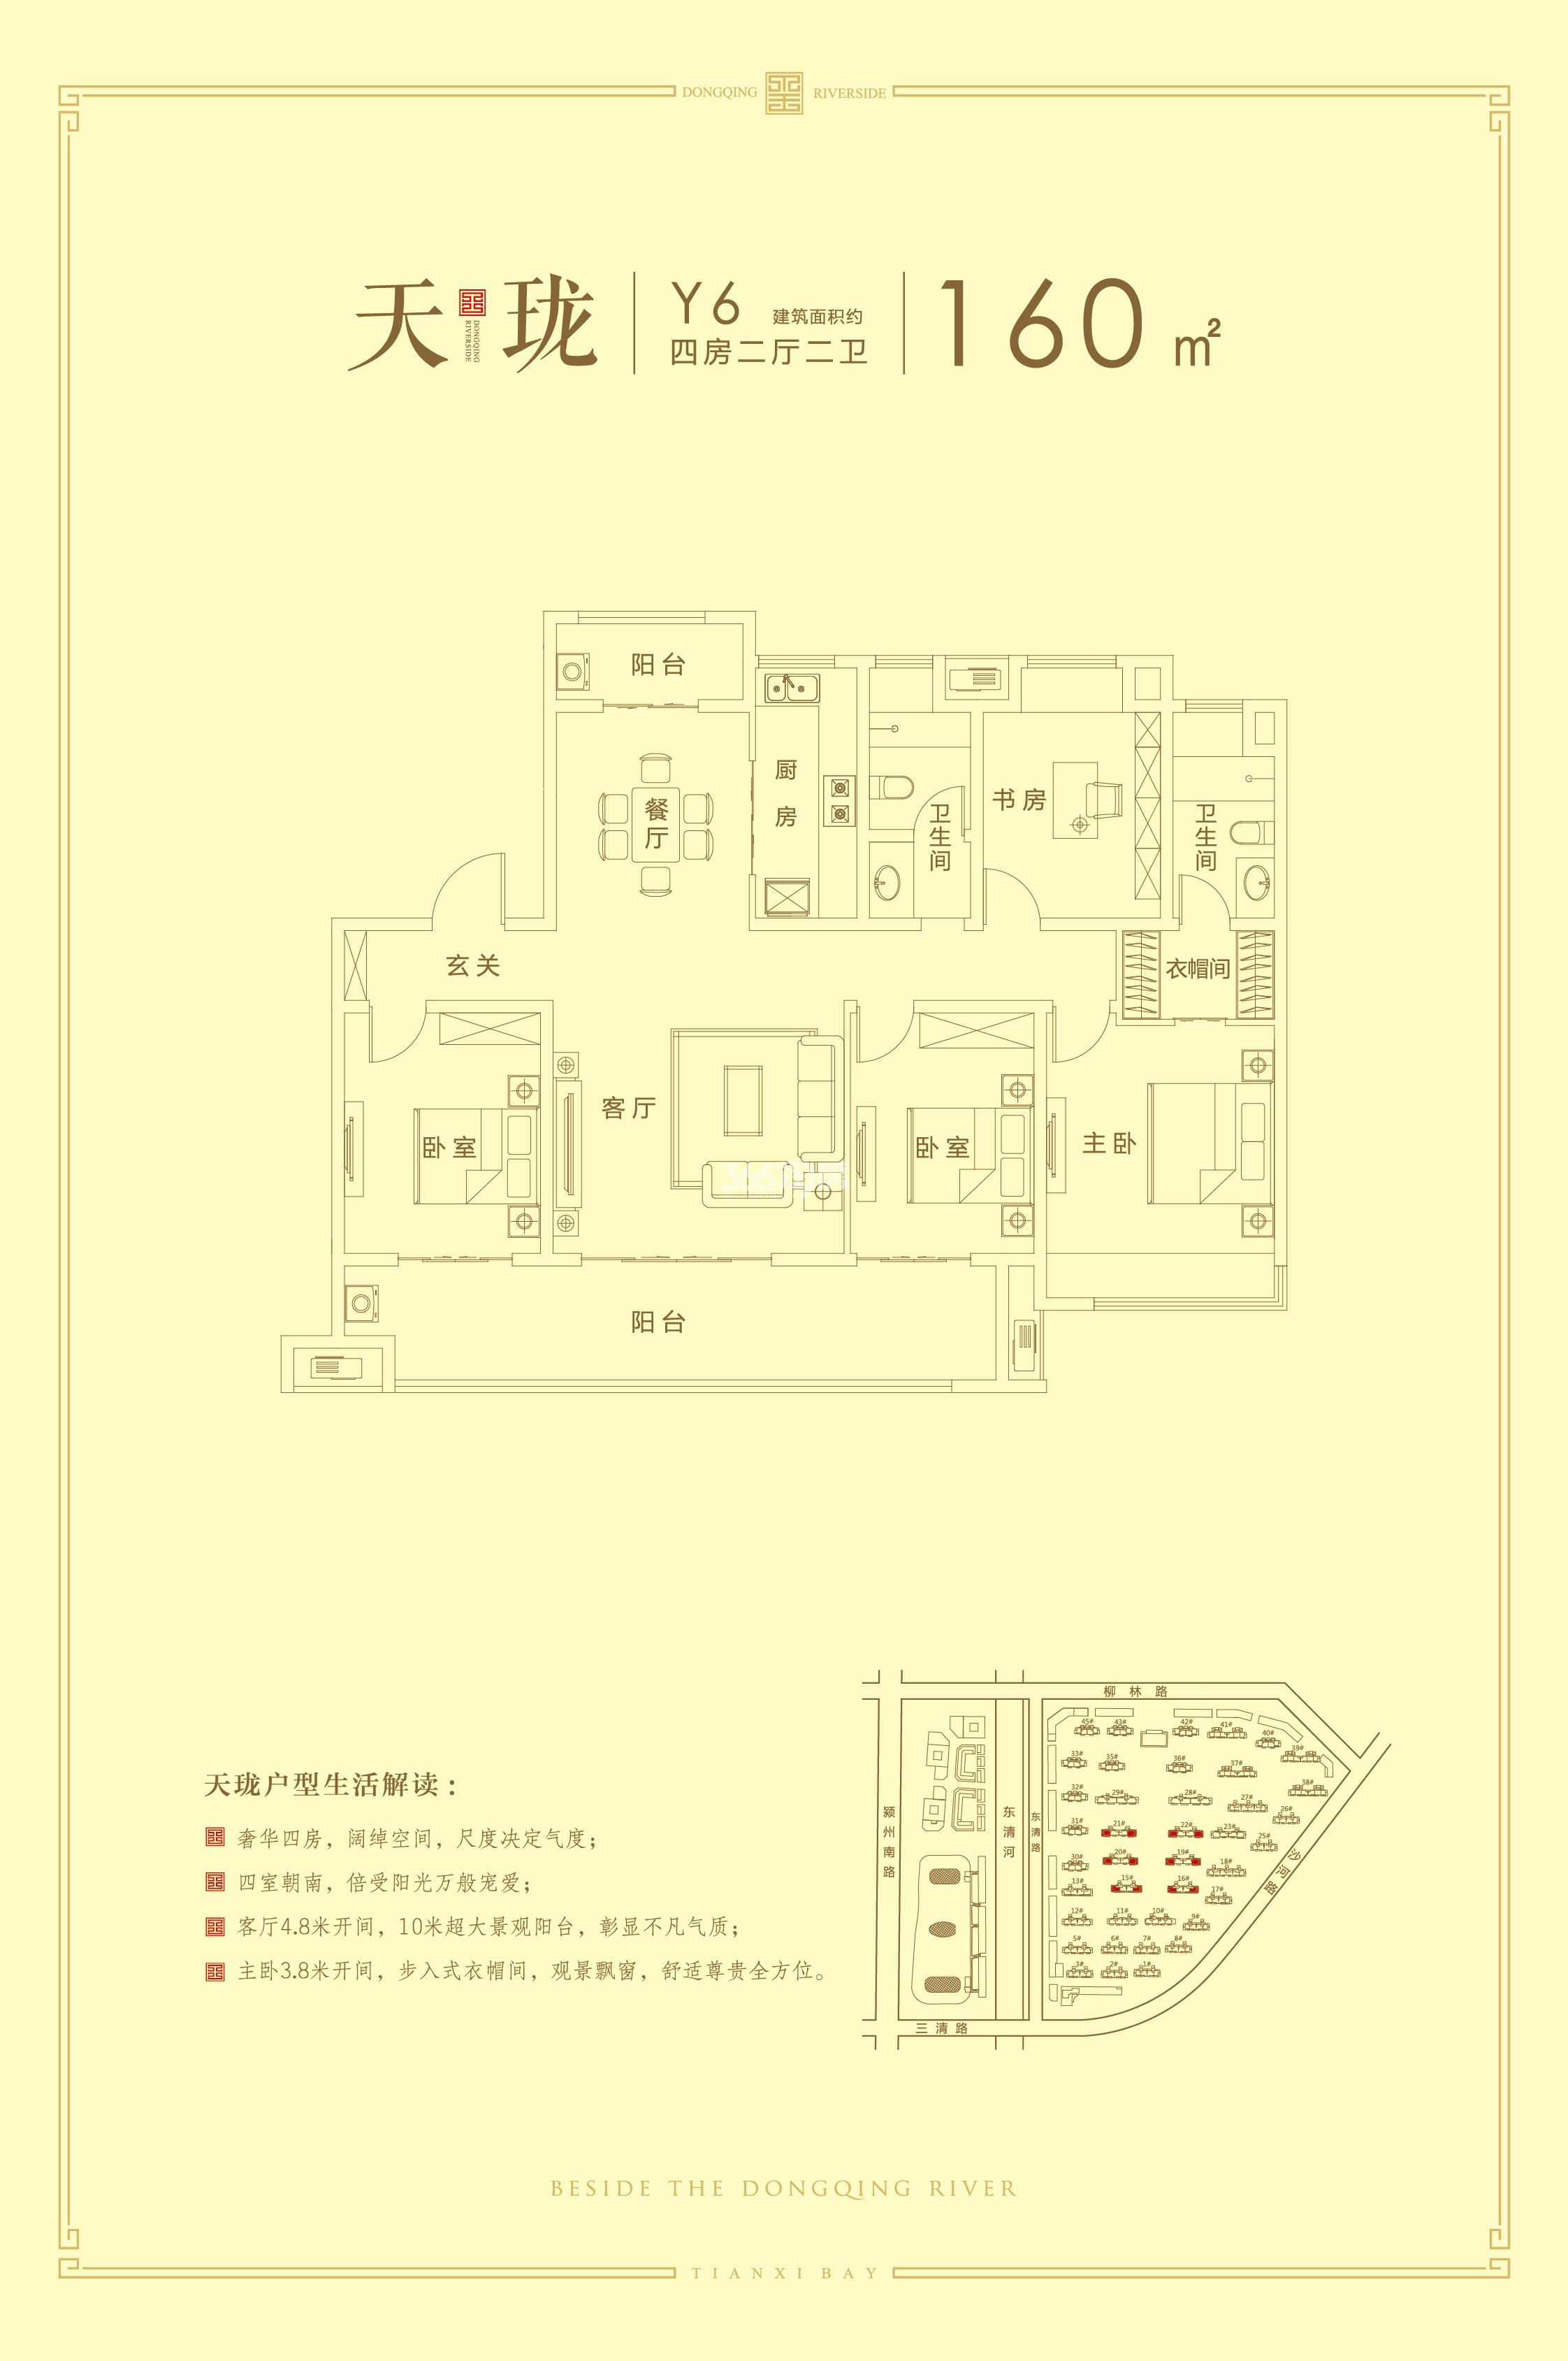 红星天玺湾天珑Y6:四室 二厅 二卫 160㎡